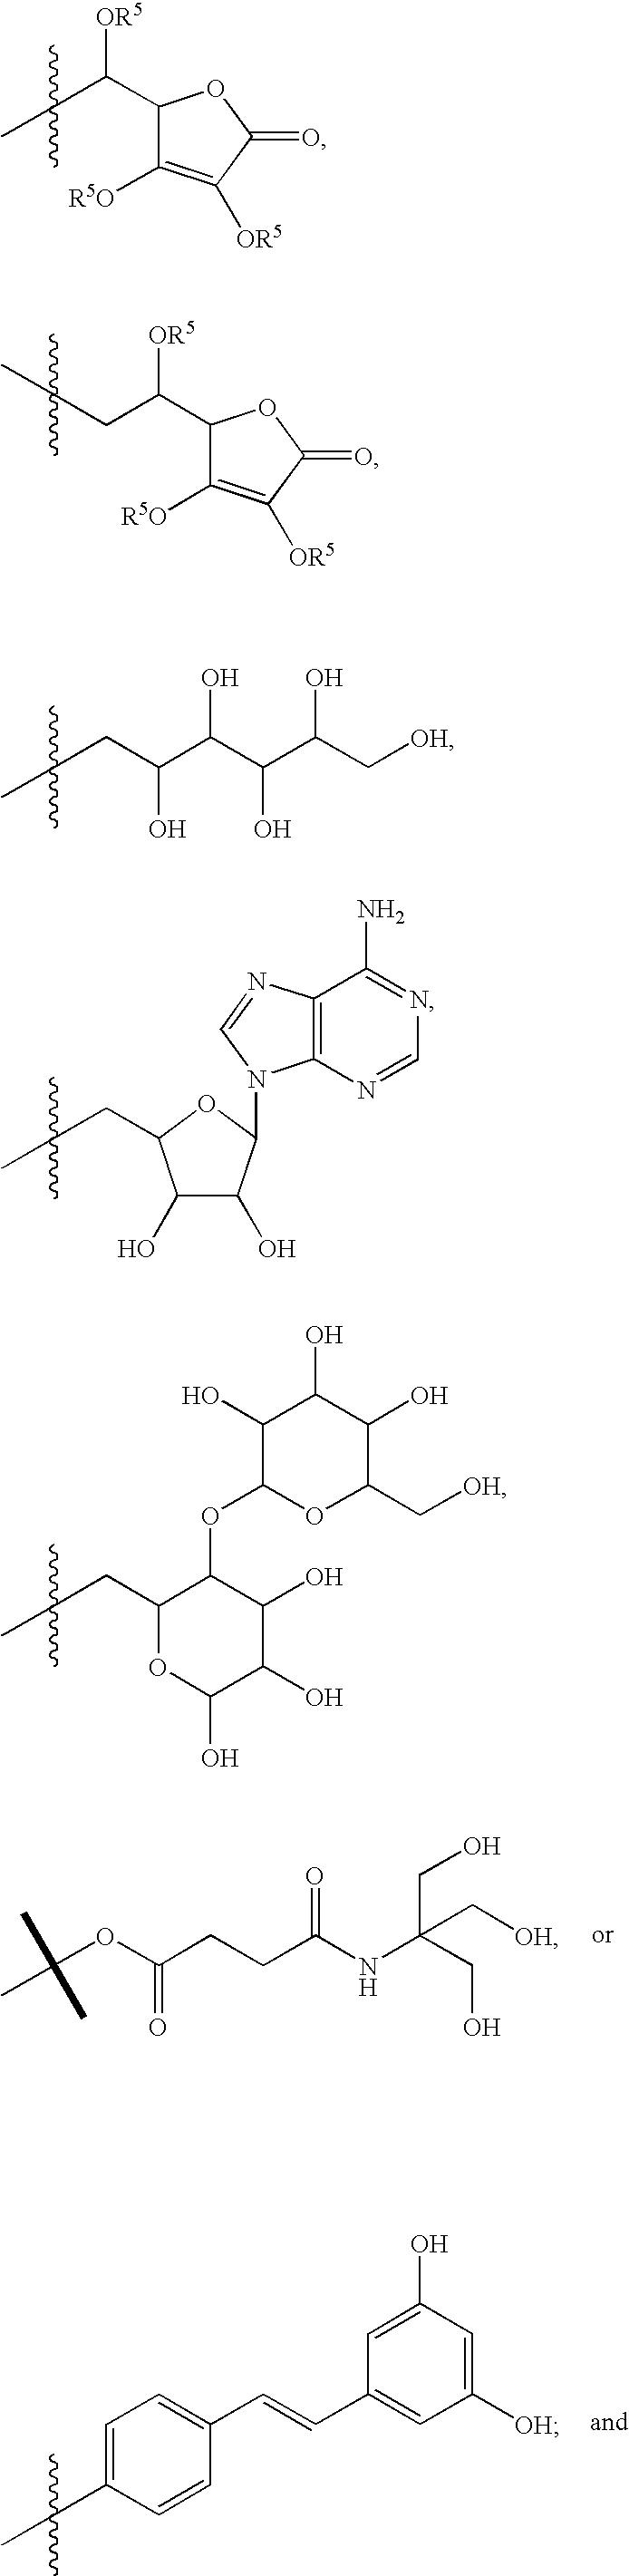 Figure US07320997-20080122-C00144